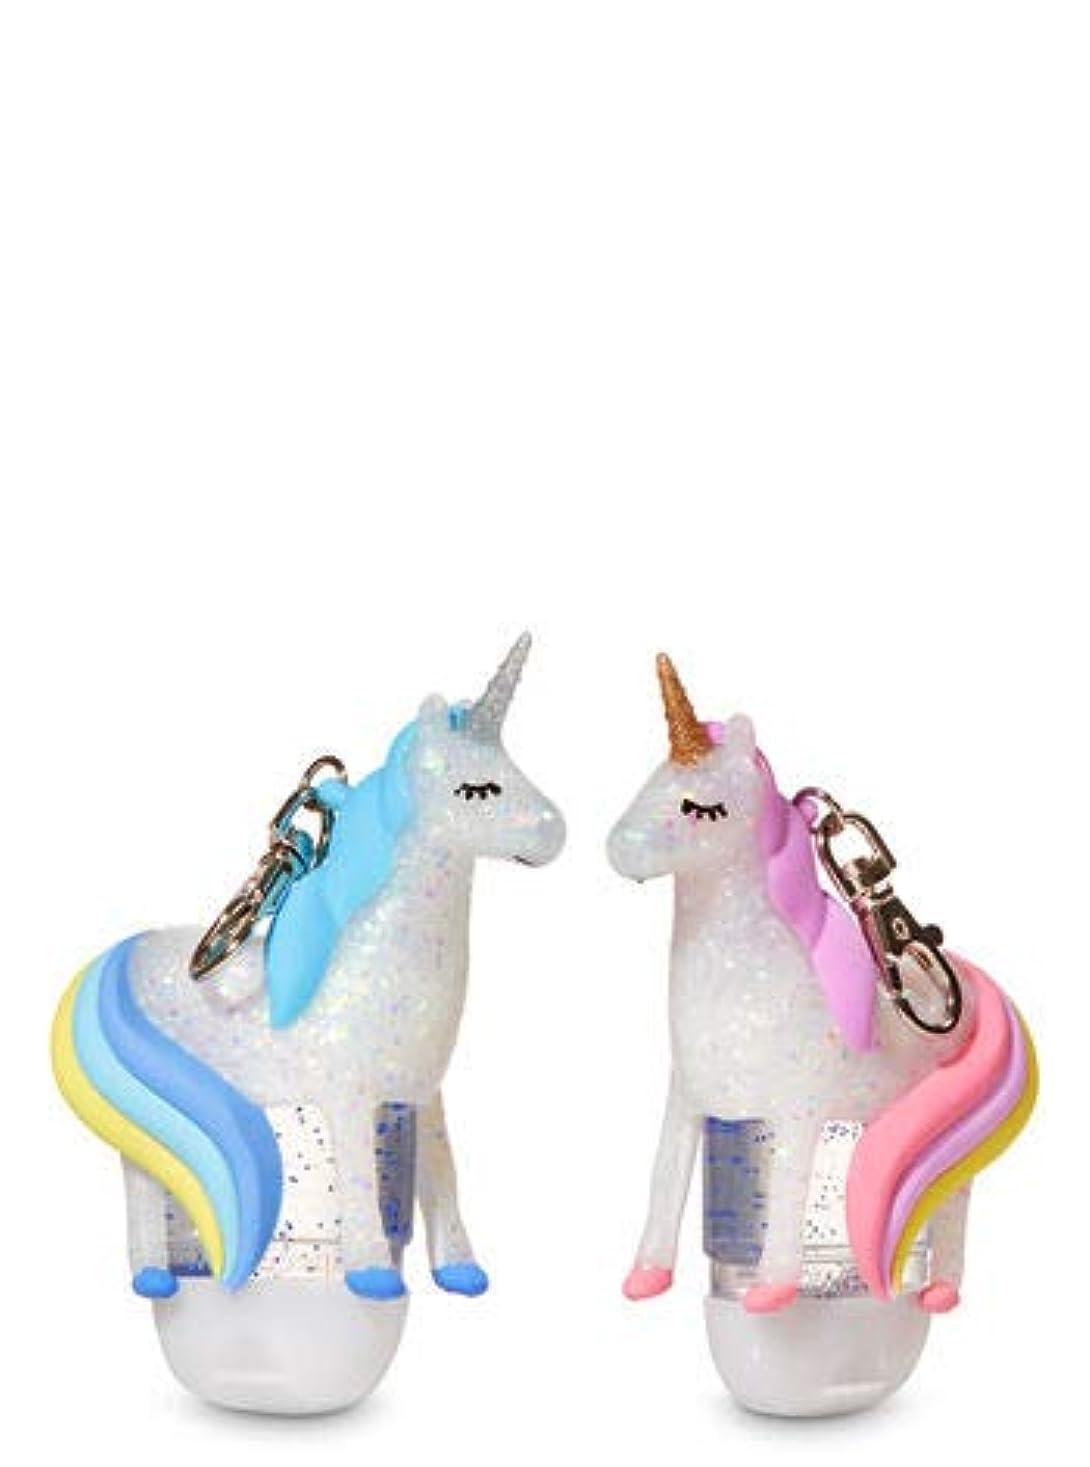 冷笑するフィラデルフィア専門知識【Bath&Body Works/バス&ボディワークス】 抗菌ハンドジェルホルダー 2個セット ユニコーン Pocketbac Holders Be My BFF Unicorns [並行輸入品]